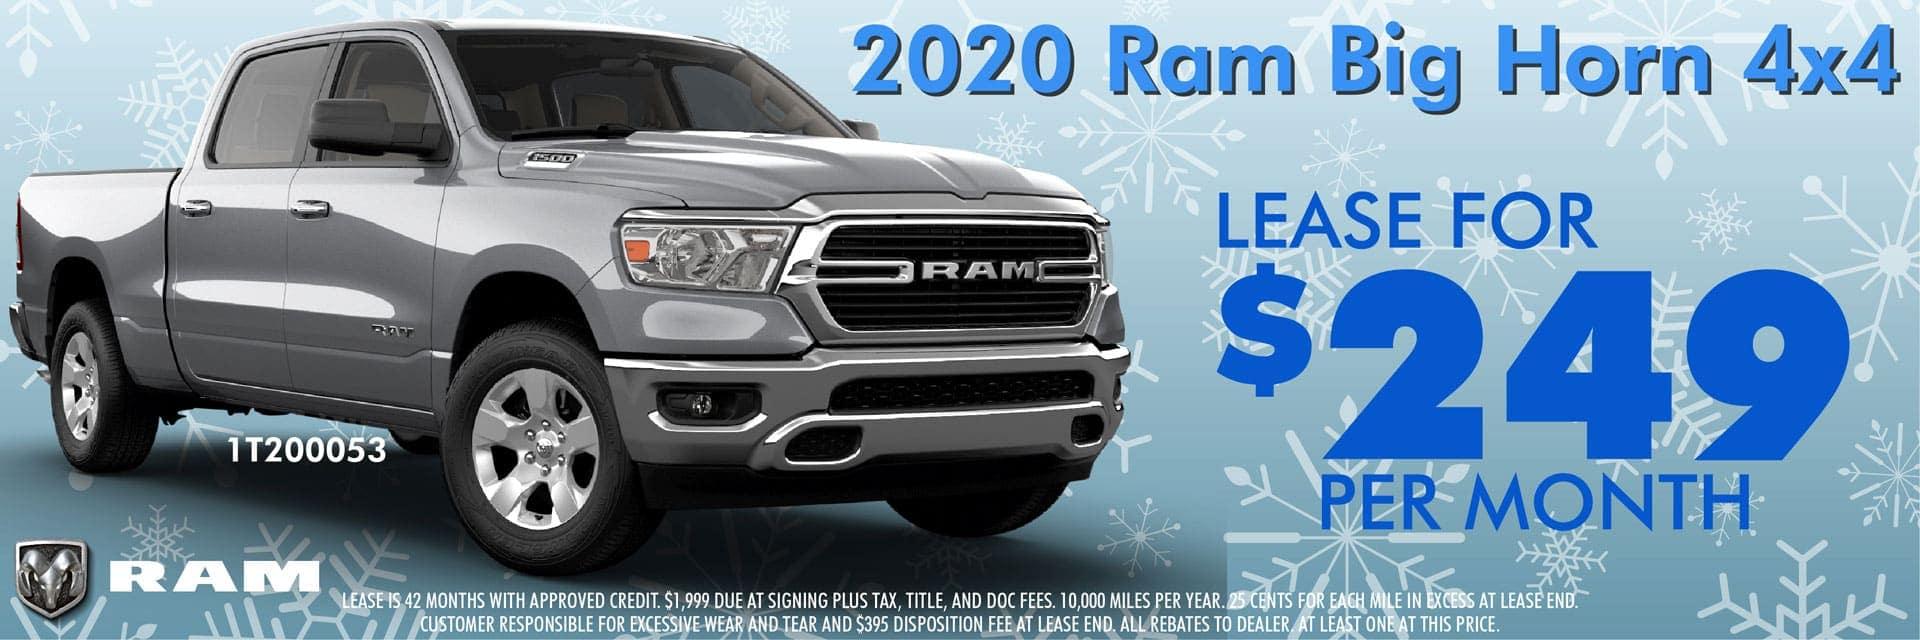 2020 Ram Big Horn 4X4